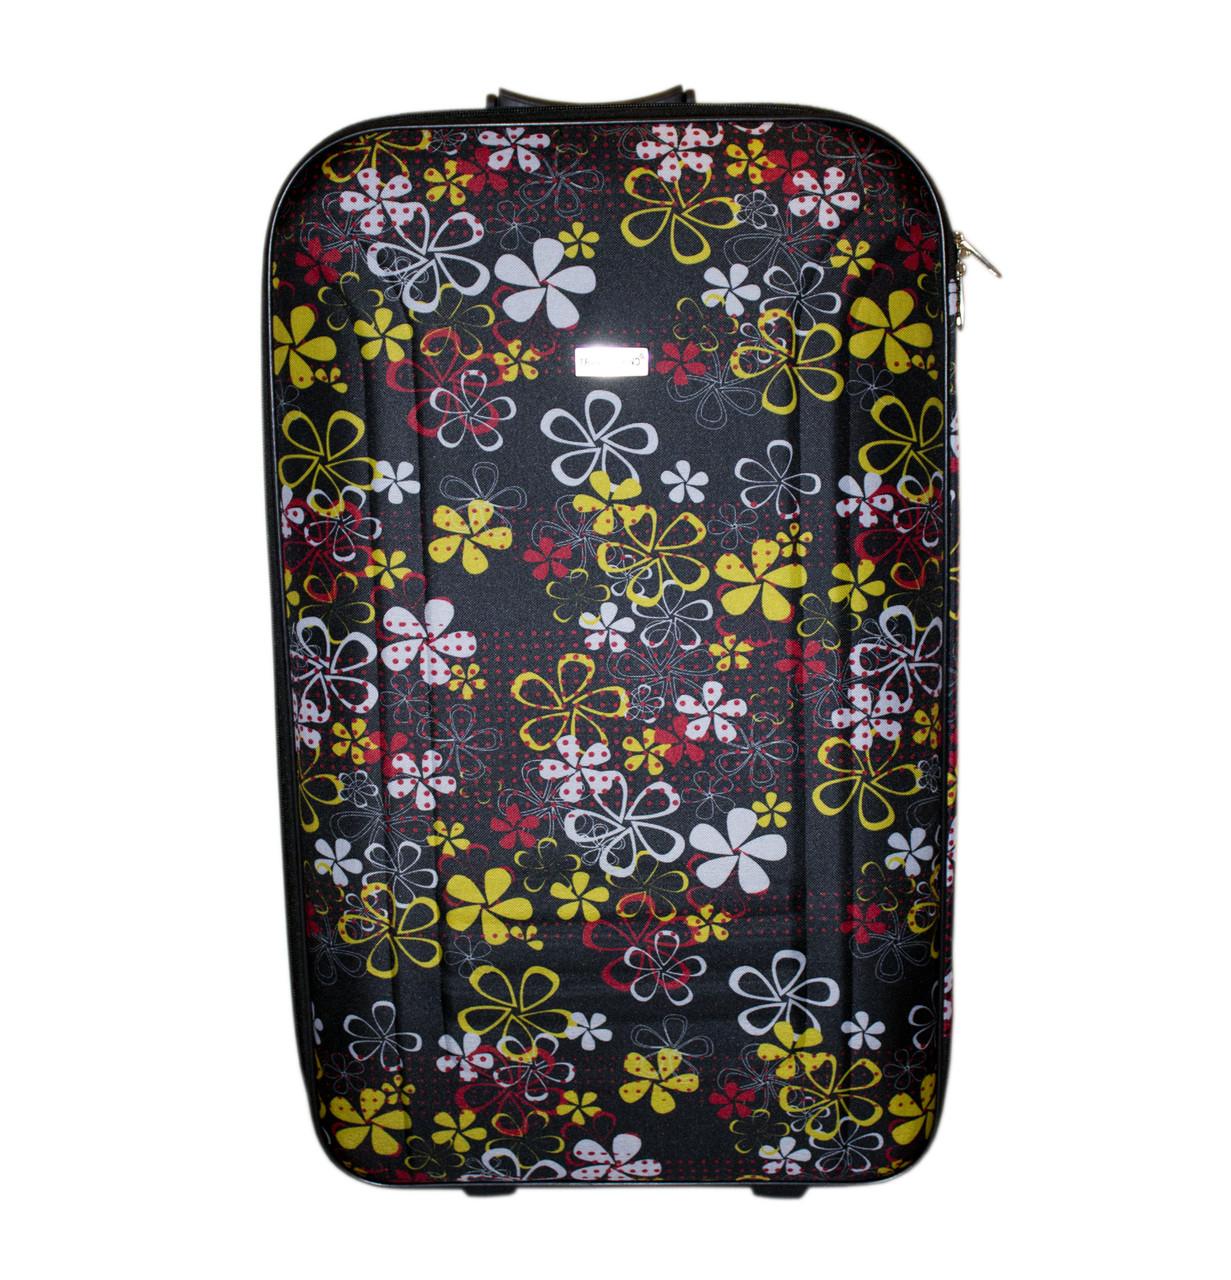 Дорожный чемодан 2 колеса (средний) чёрный с цветочками, артикул: 12126-680